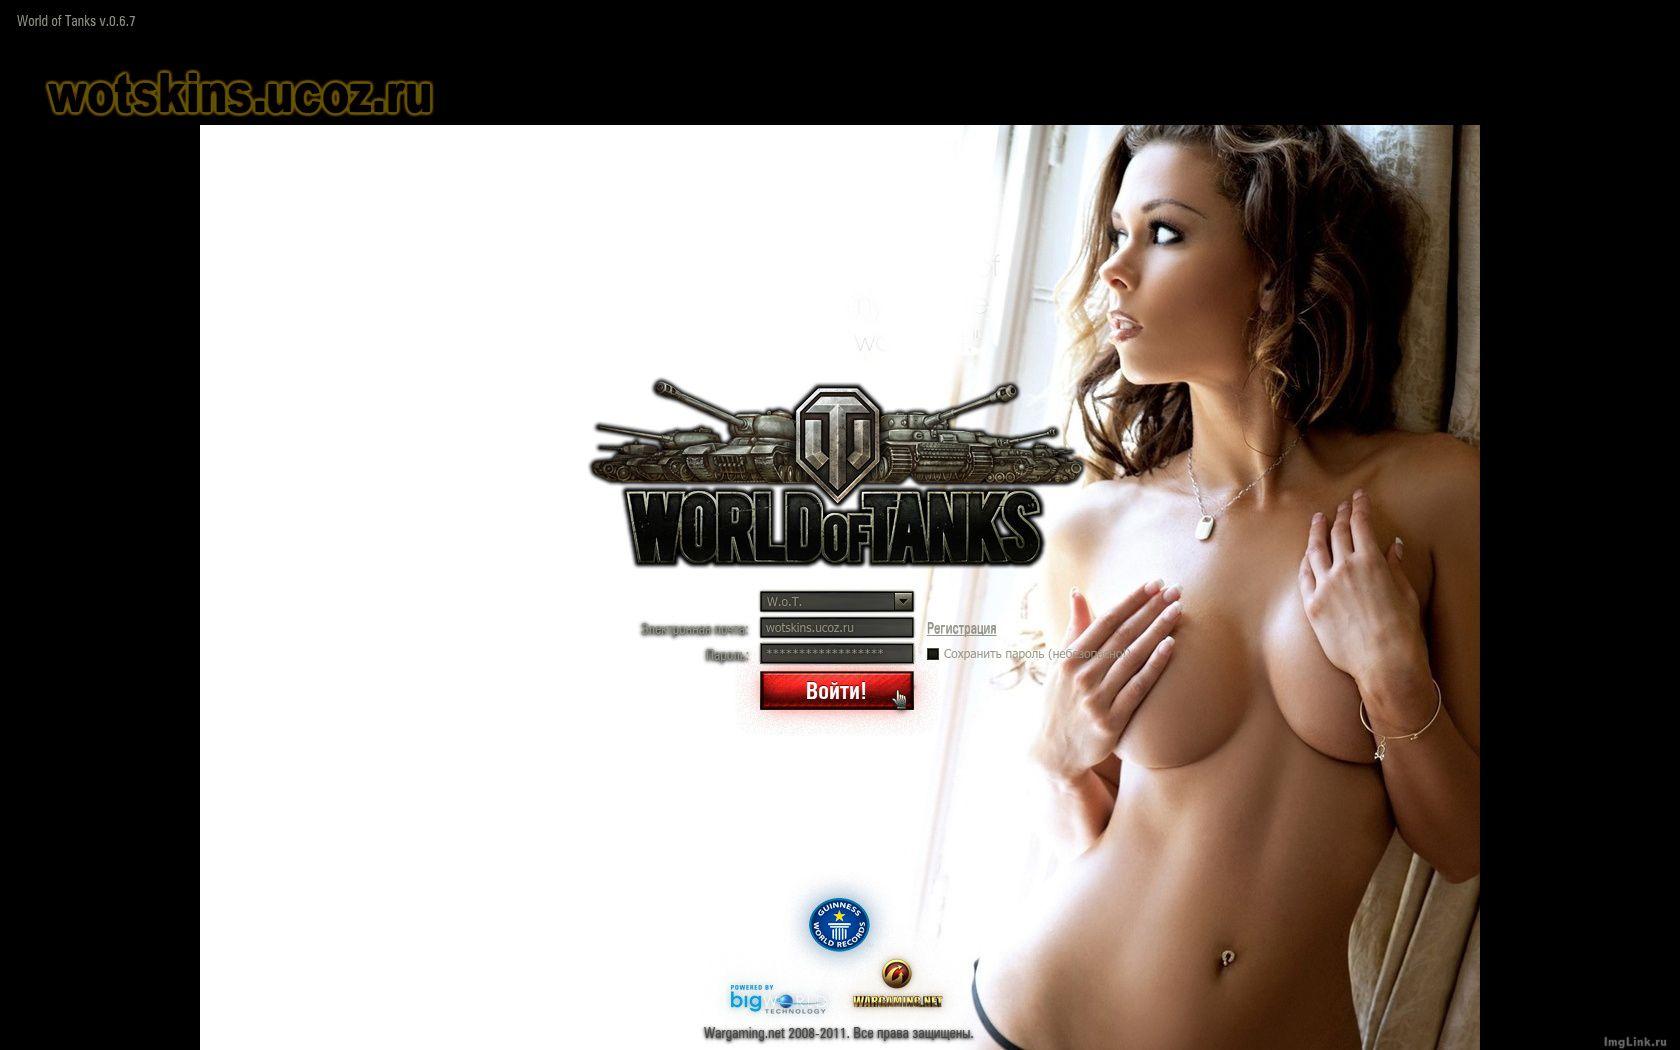 ofitsialniy-sayt-porno-tank